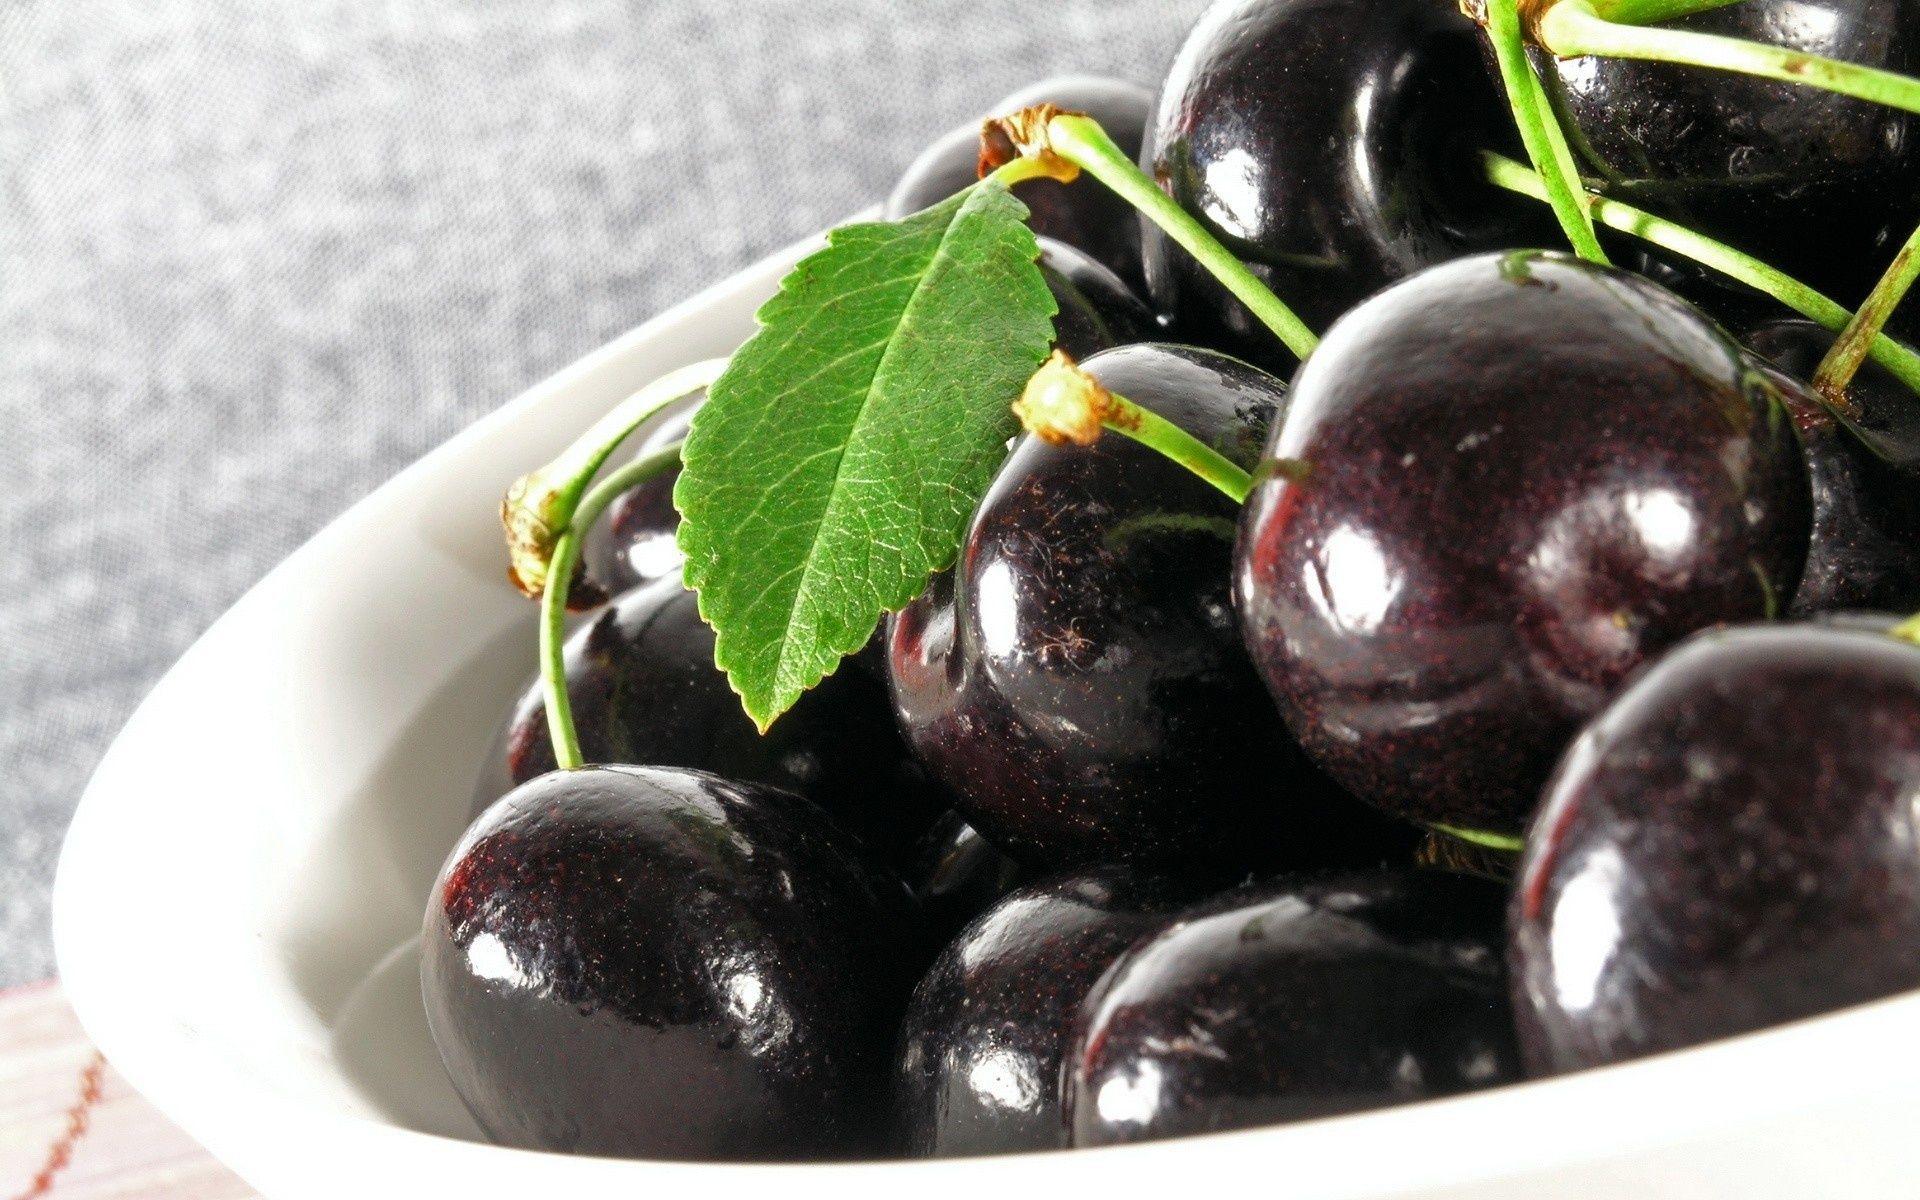 Hình ảnh quả Cherry đen đẹp và ngon nhất